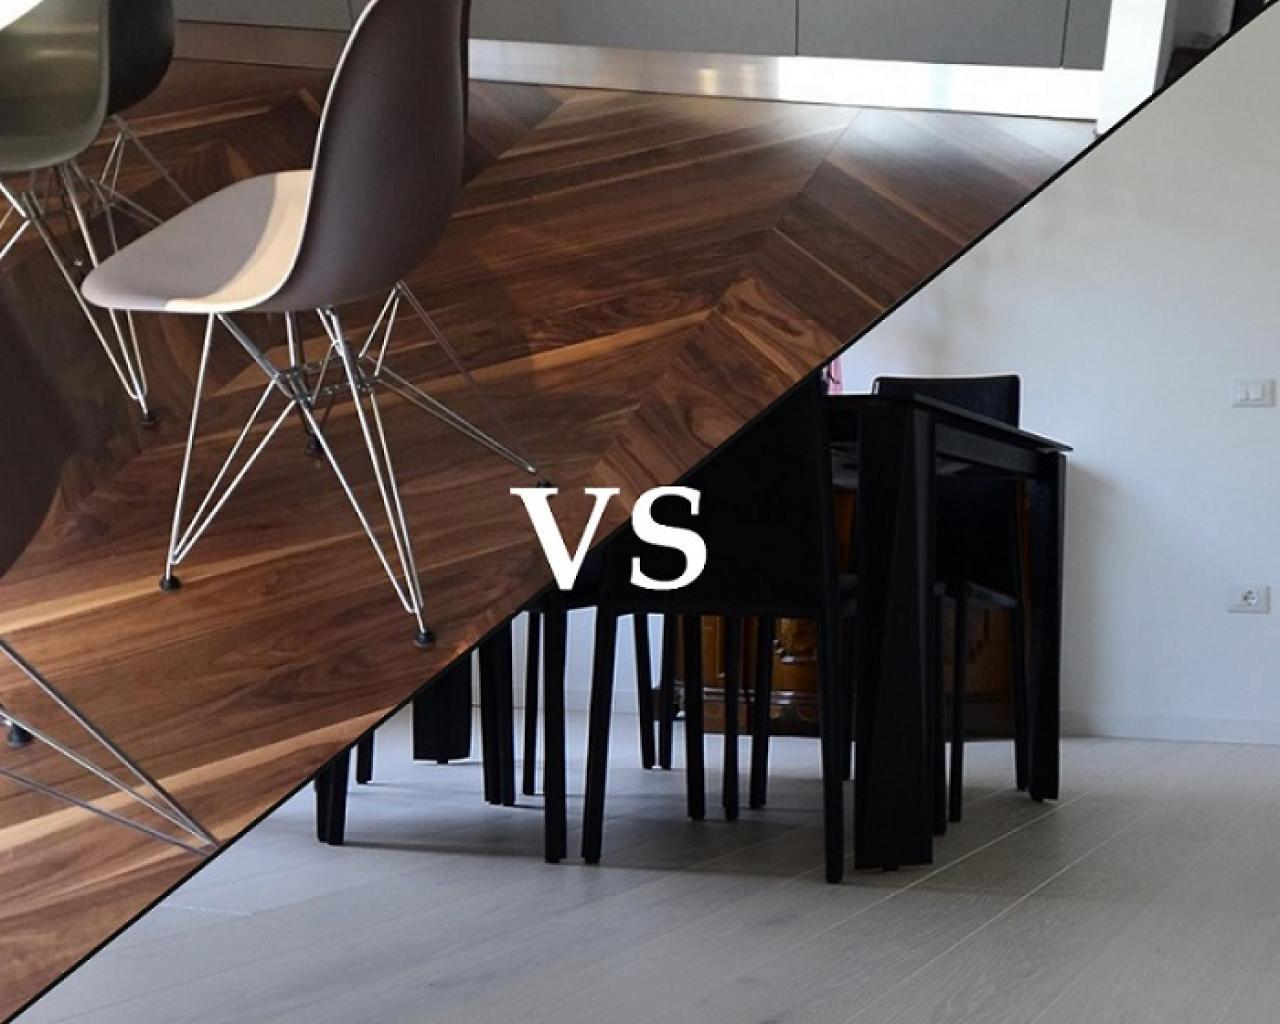 Pavimenti Camere Da Letto Moderne pavimenti chiari o scuri? criteri per la scelta | fratelli